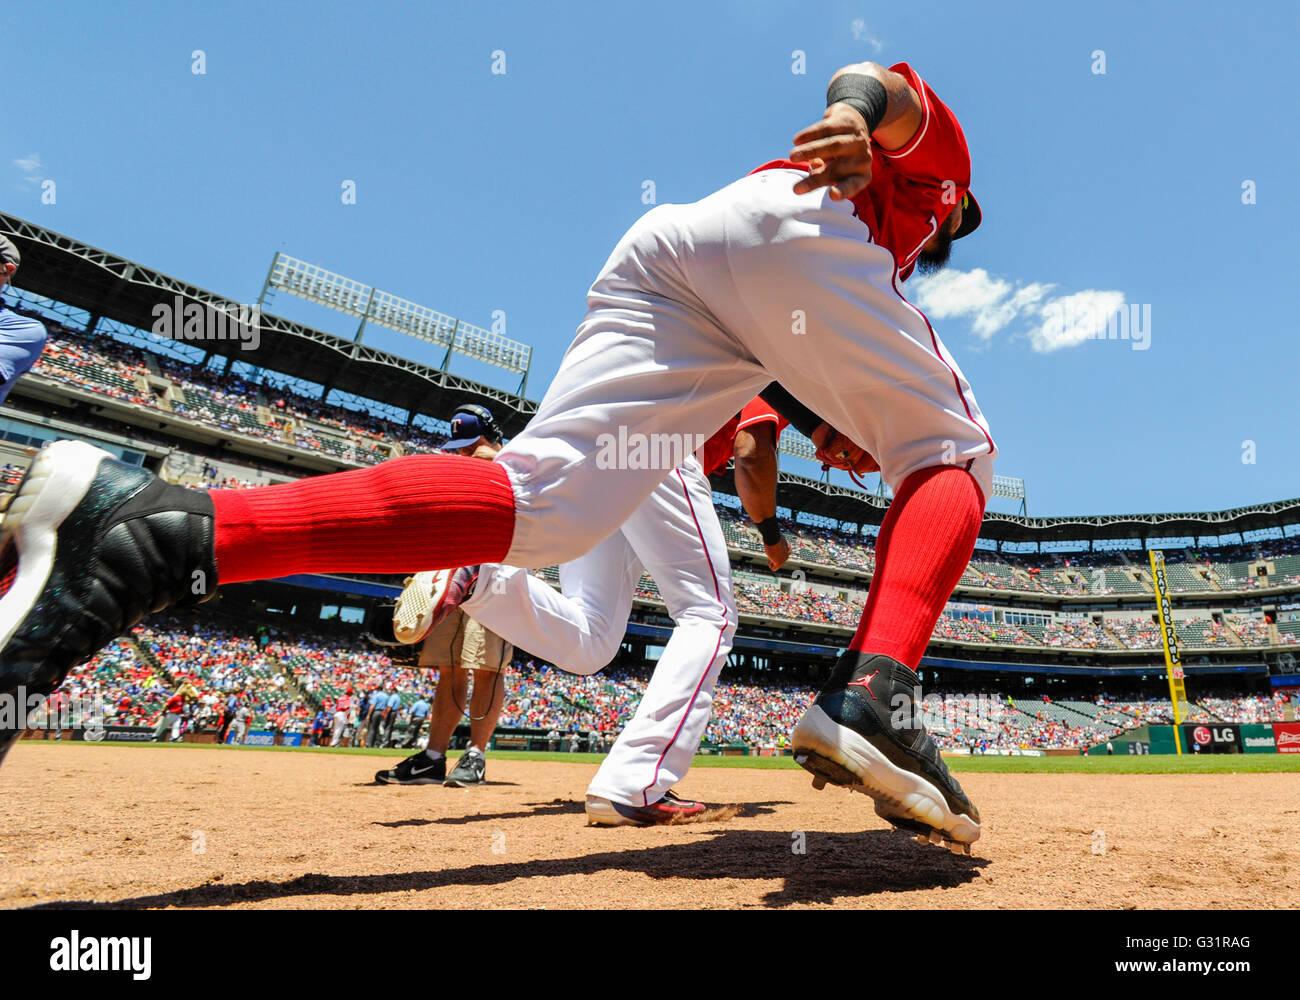 5 giugno 2016: _______ durante una partita MLB tra i Seattle Mariners e Texas Rangers a Globe Life Park in Arlington, Immagini Stock